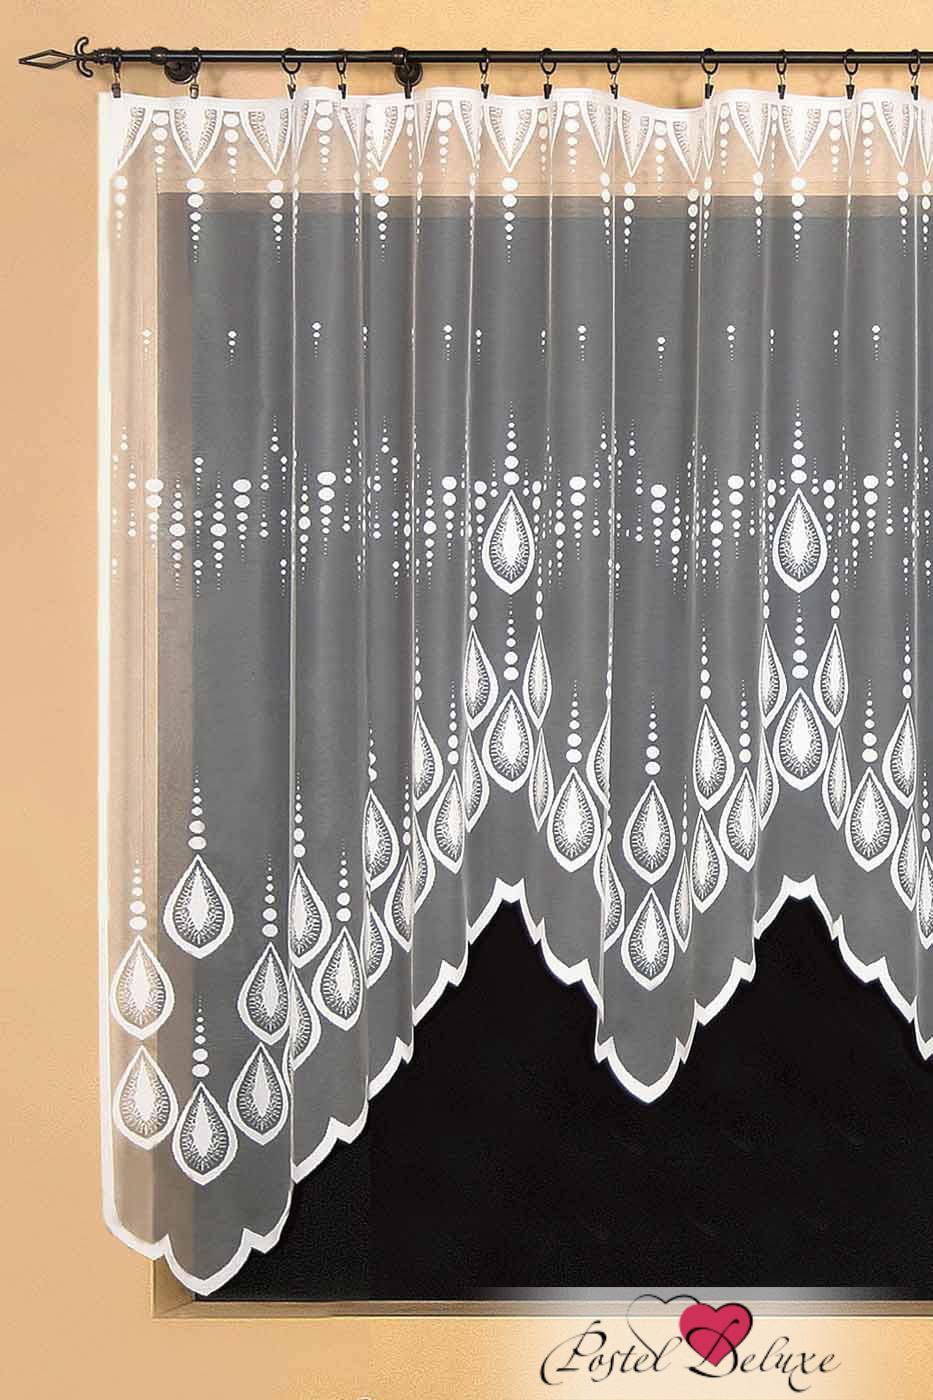 Шторы WisanШторы<br>ВНИМАНИЕ! Комплектация штор может отличаться от представленной на фотографии. Фактическая комплектация указана в описании изделия.<br><br>Производитель: Wisan<br>Cтрана производства: Польша<br>Классические шторы<br>Материал гардины: Тюль<br>Размер гардины: 400х160 см (1 шт.)<br>Вид крепления: Зажимы<br>Рекомендуемая ширина карниза (см): 160-270<br><br>Заказывая шторы нужно помнить, что полотно портьеры (2 шт. для 1 окна) и гардины (1 шт на окно) не вешается «в натяжку». Исключение составляют римские и японские шторы. Все остальные модели предусматривают образование складок, а для этого ширина шторы должно быть больше длины карниза (как правило в 1.5-2.5 раза). Чем больше соотношение тем гуще складки, коэффициент 1.5 считается минимально допустимой сборкой, в то время как 2.5 сборка с густыми складками. Размер карниза указанный в описании предполагает, что вы будете использовать 1 гардину на 1 окно. Ели вы собираетесь использовать к примеру 2 гардины на 1 окно, то размер карниза должен быть в 2 раза больше, чем указано.<br><br>Тип: шторы<br>Размерность комплекта: Классические шторы<br>Материал: Тюль<br>Размер наволочки: None<br>Подарочная упаковка: Классические шторы<br>Для детей: Классические шторы<br>Ткань: Тюль<br>Цвет: Белый